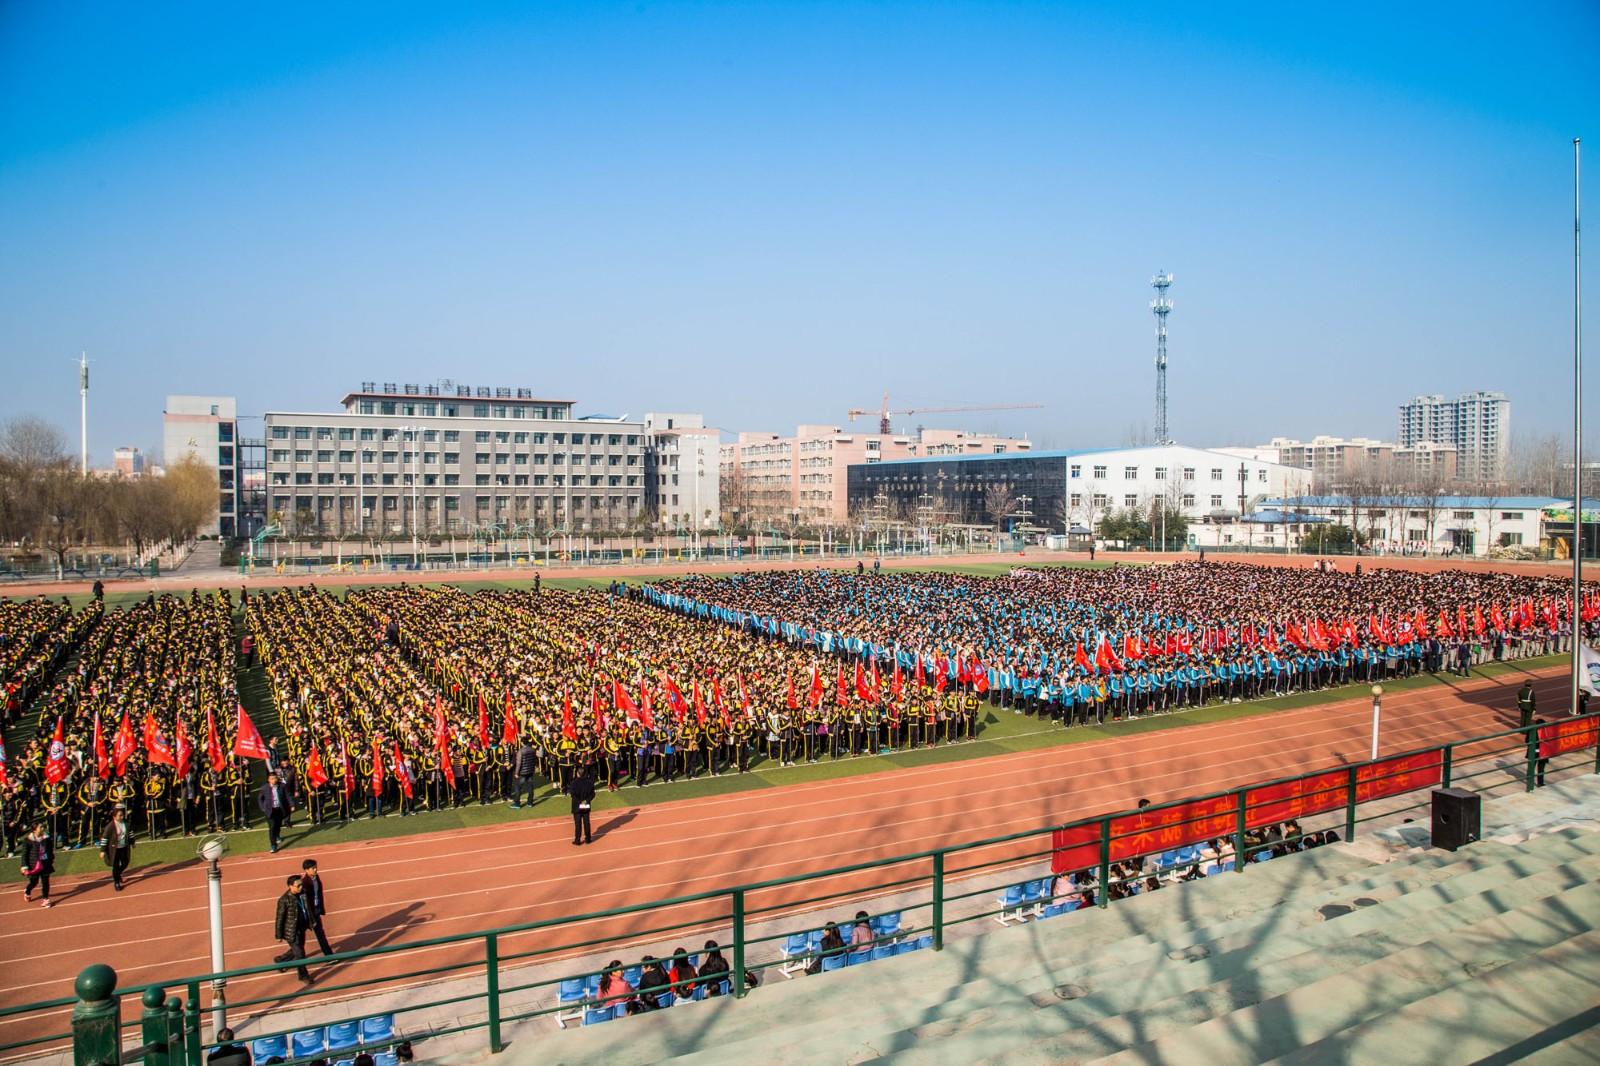 羲城中学2017年春节开学典礼暨表优大会-淮阳羲城中学